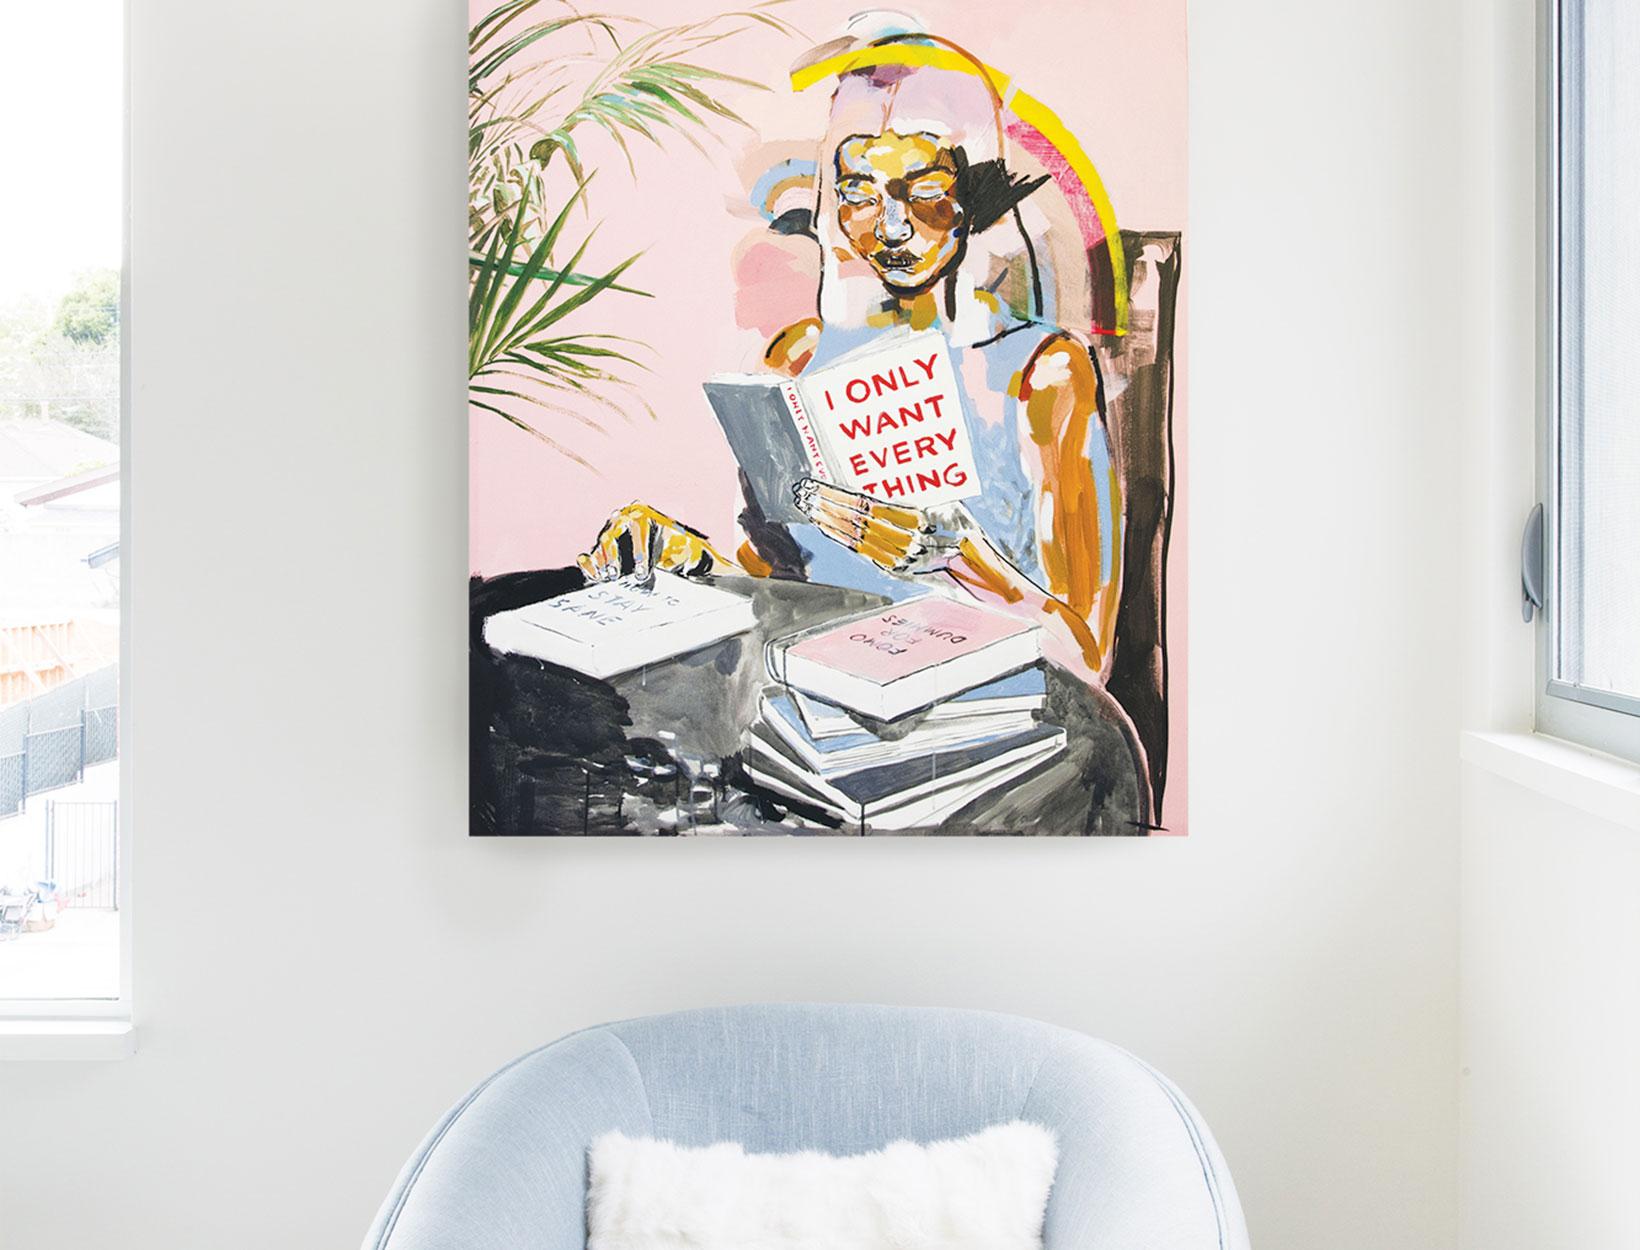 艺术策展人对家居艺术展示的建议